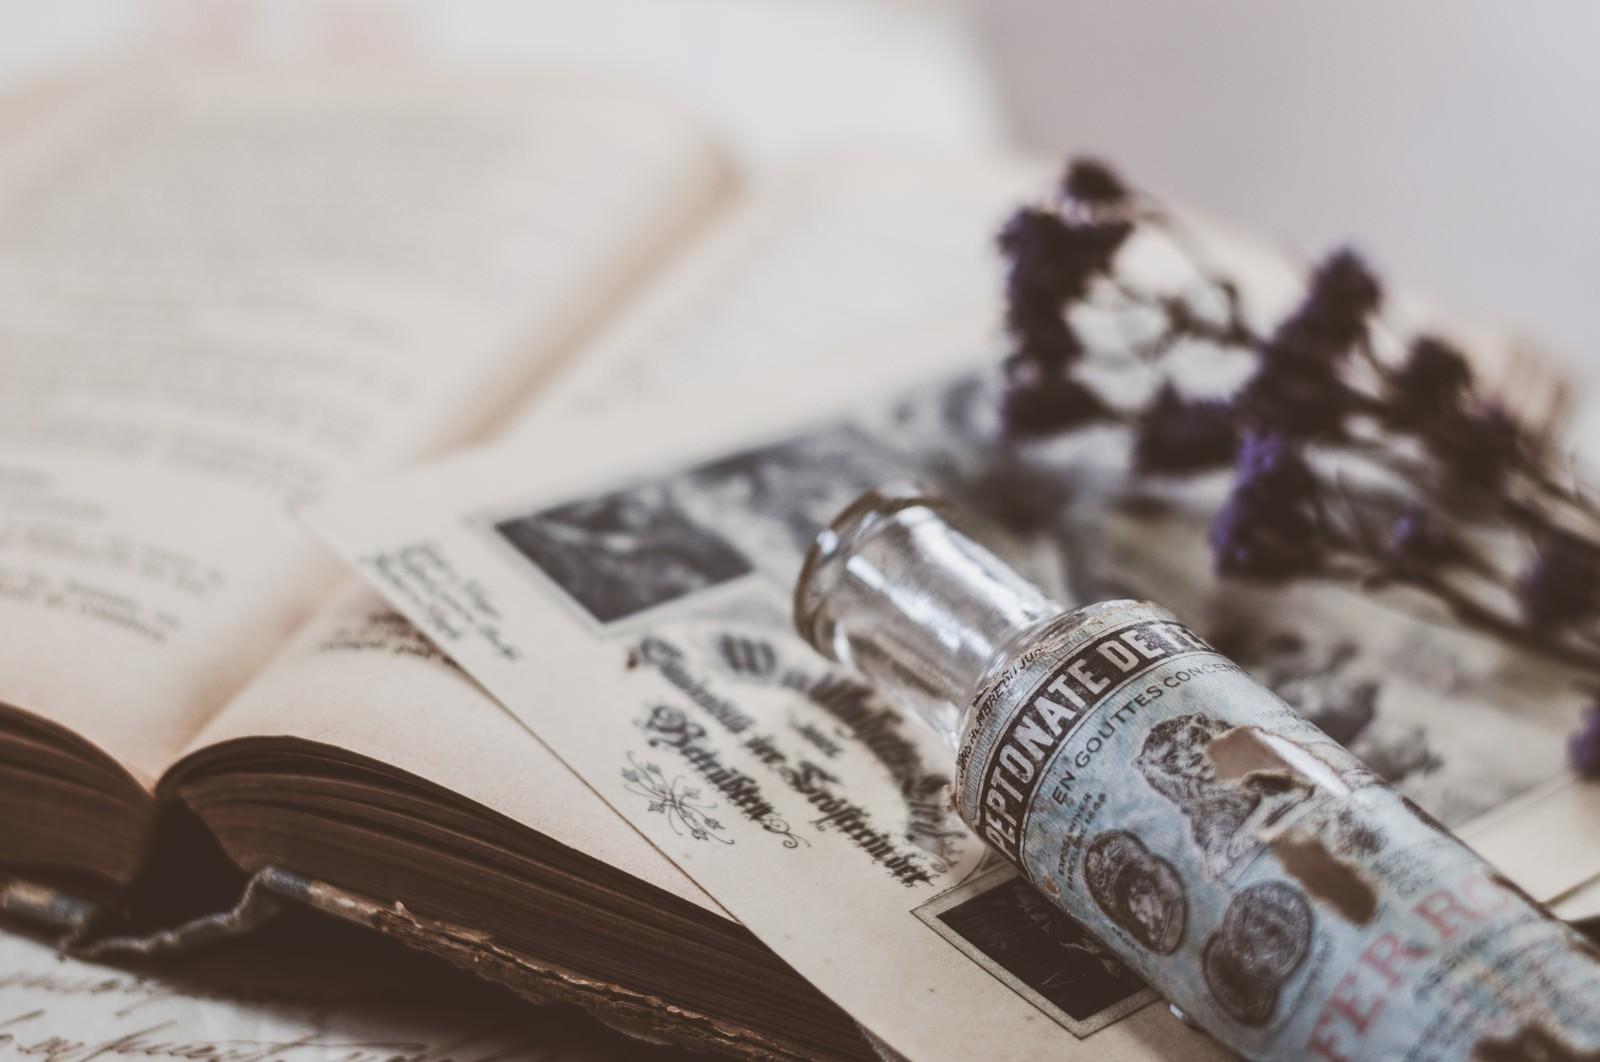 「古い瓶と洋書」の写真